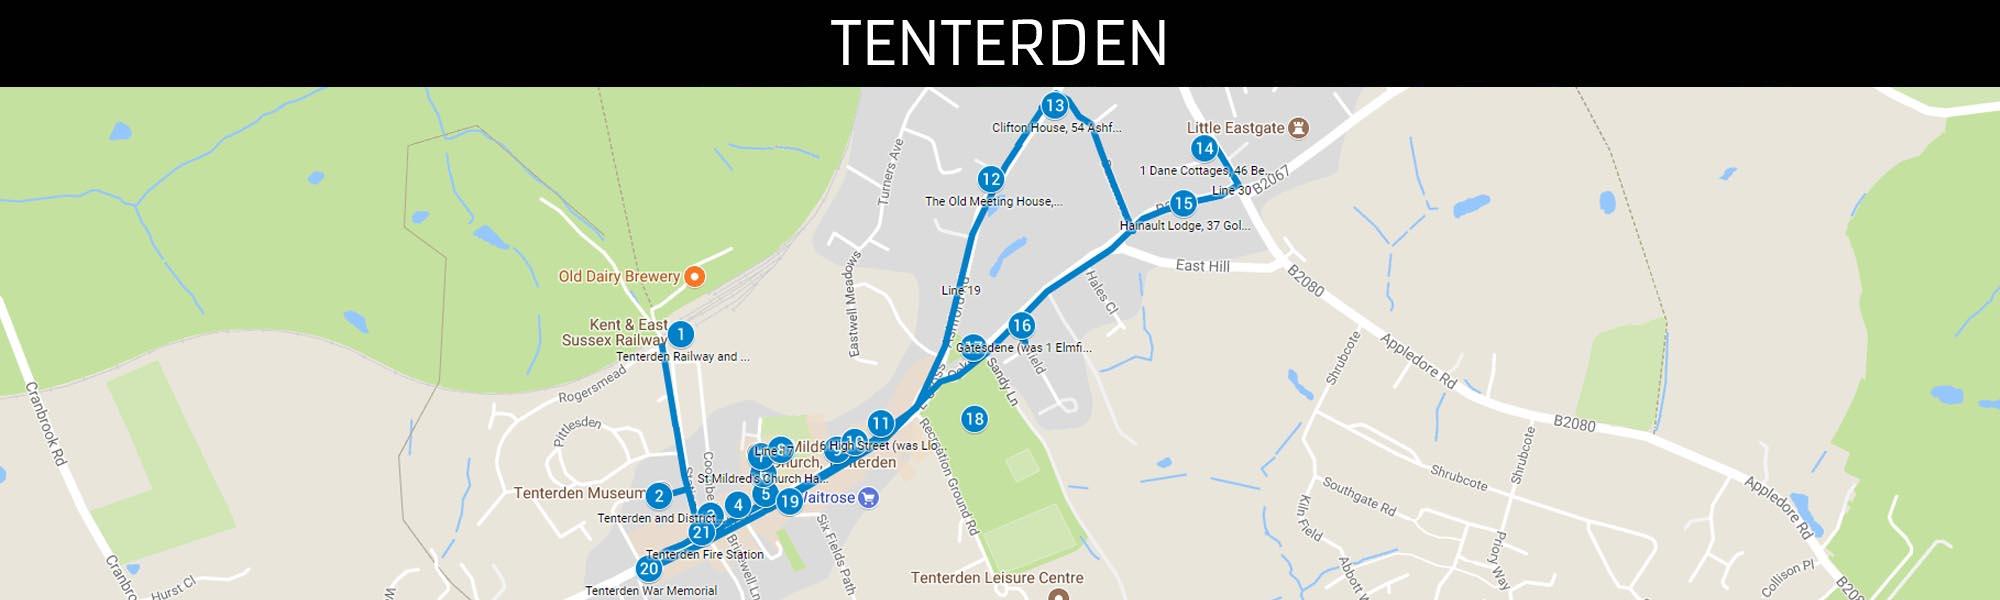 Tenterden Trail